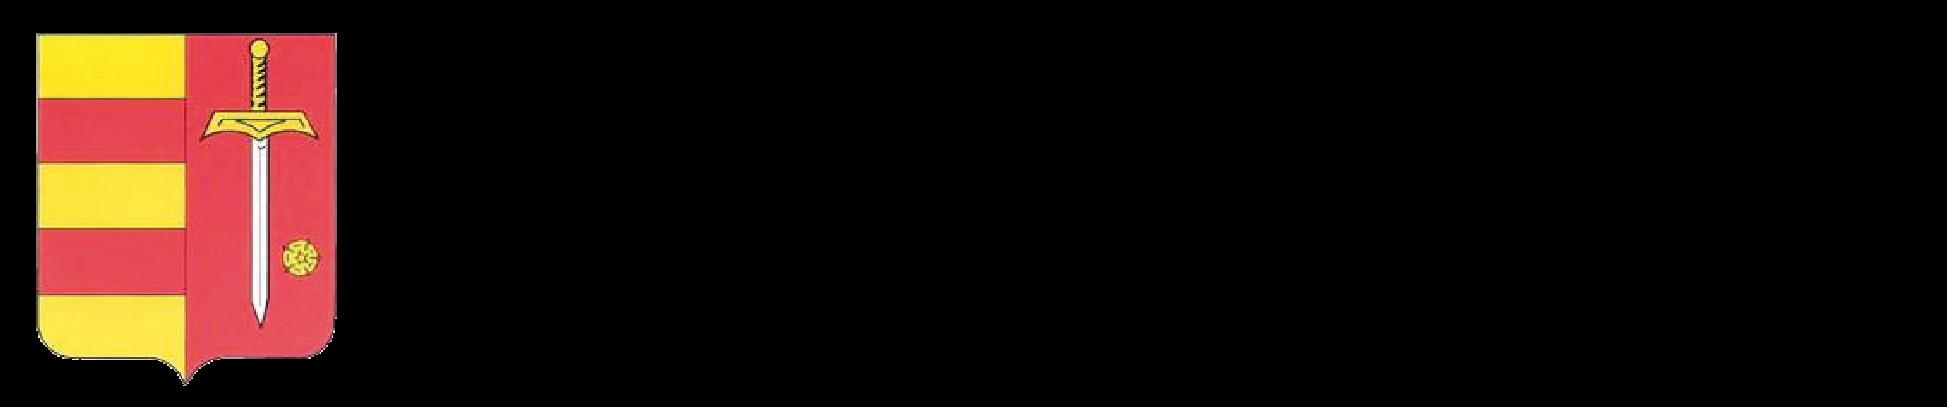 Site de berloz